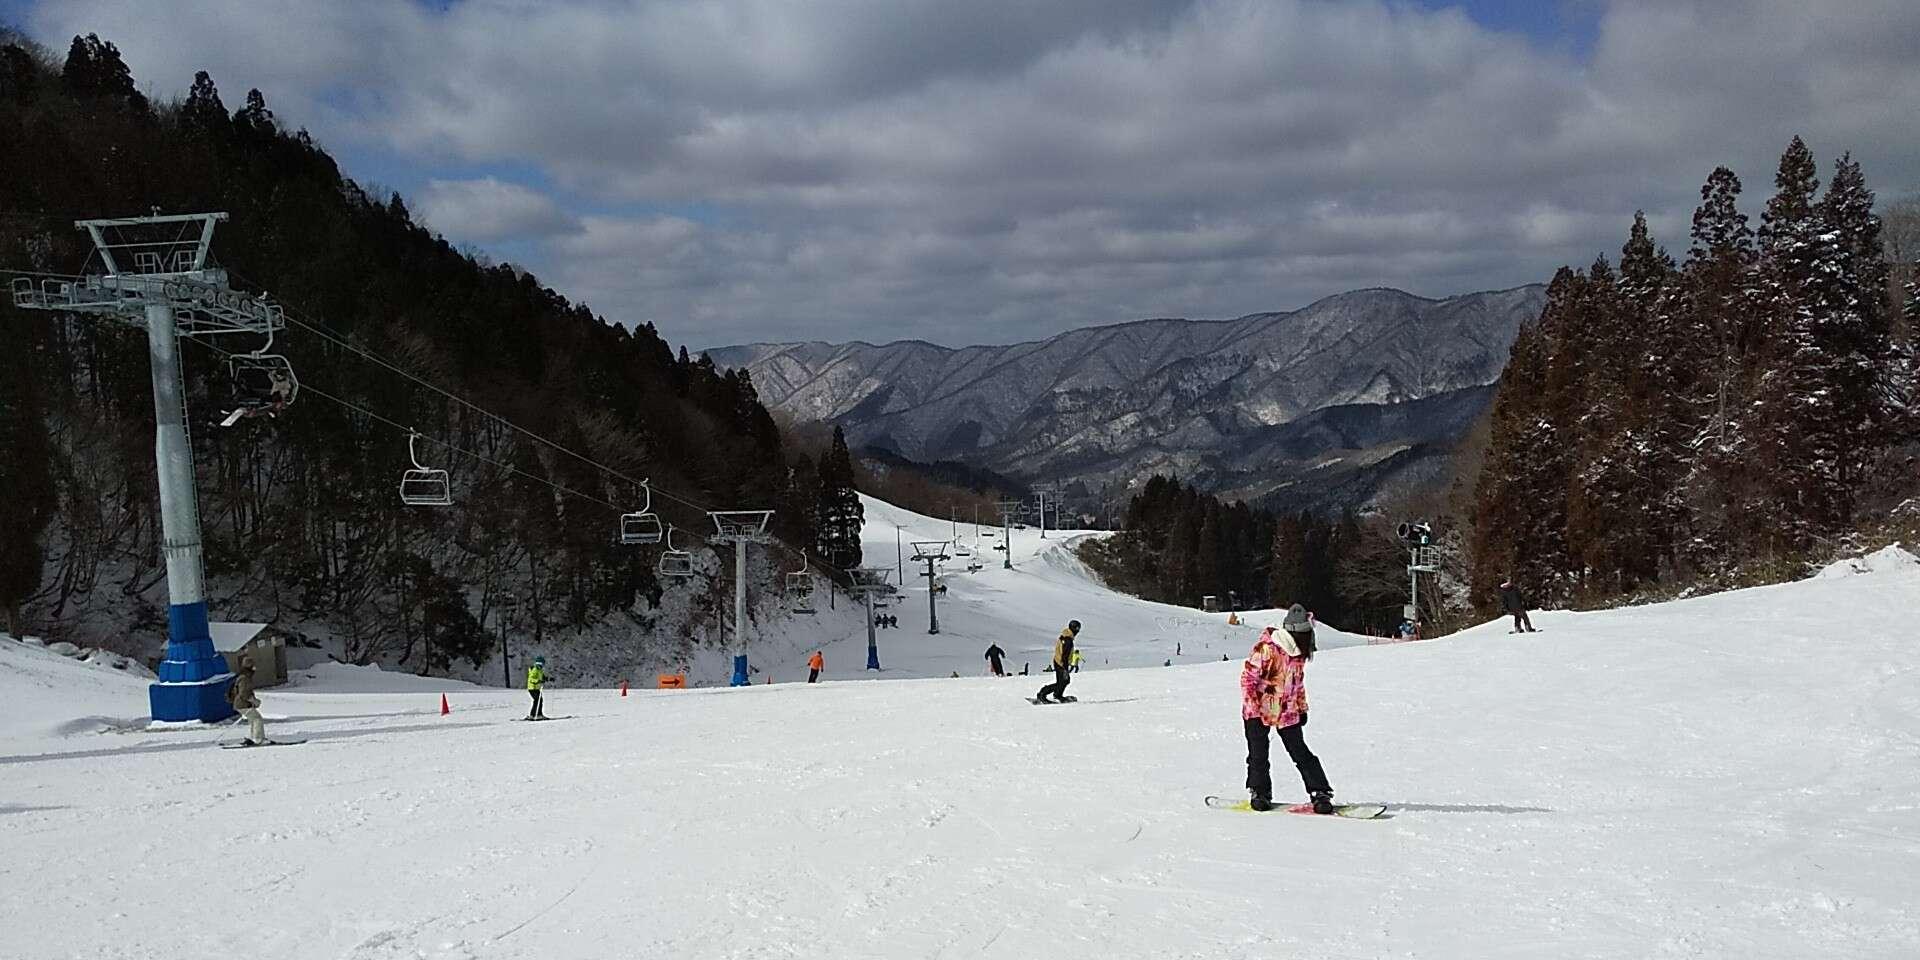 奥 伊吹 スキー 場 ライブ カメラ